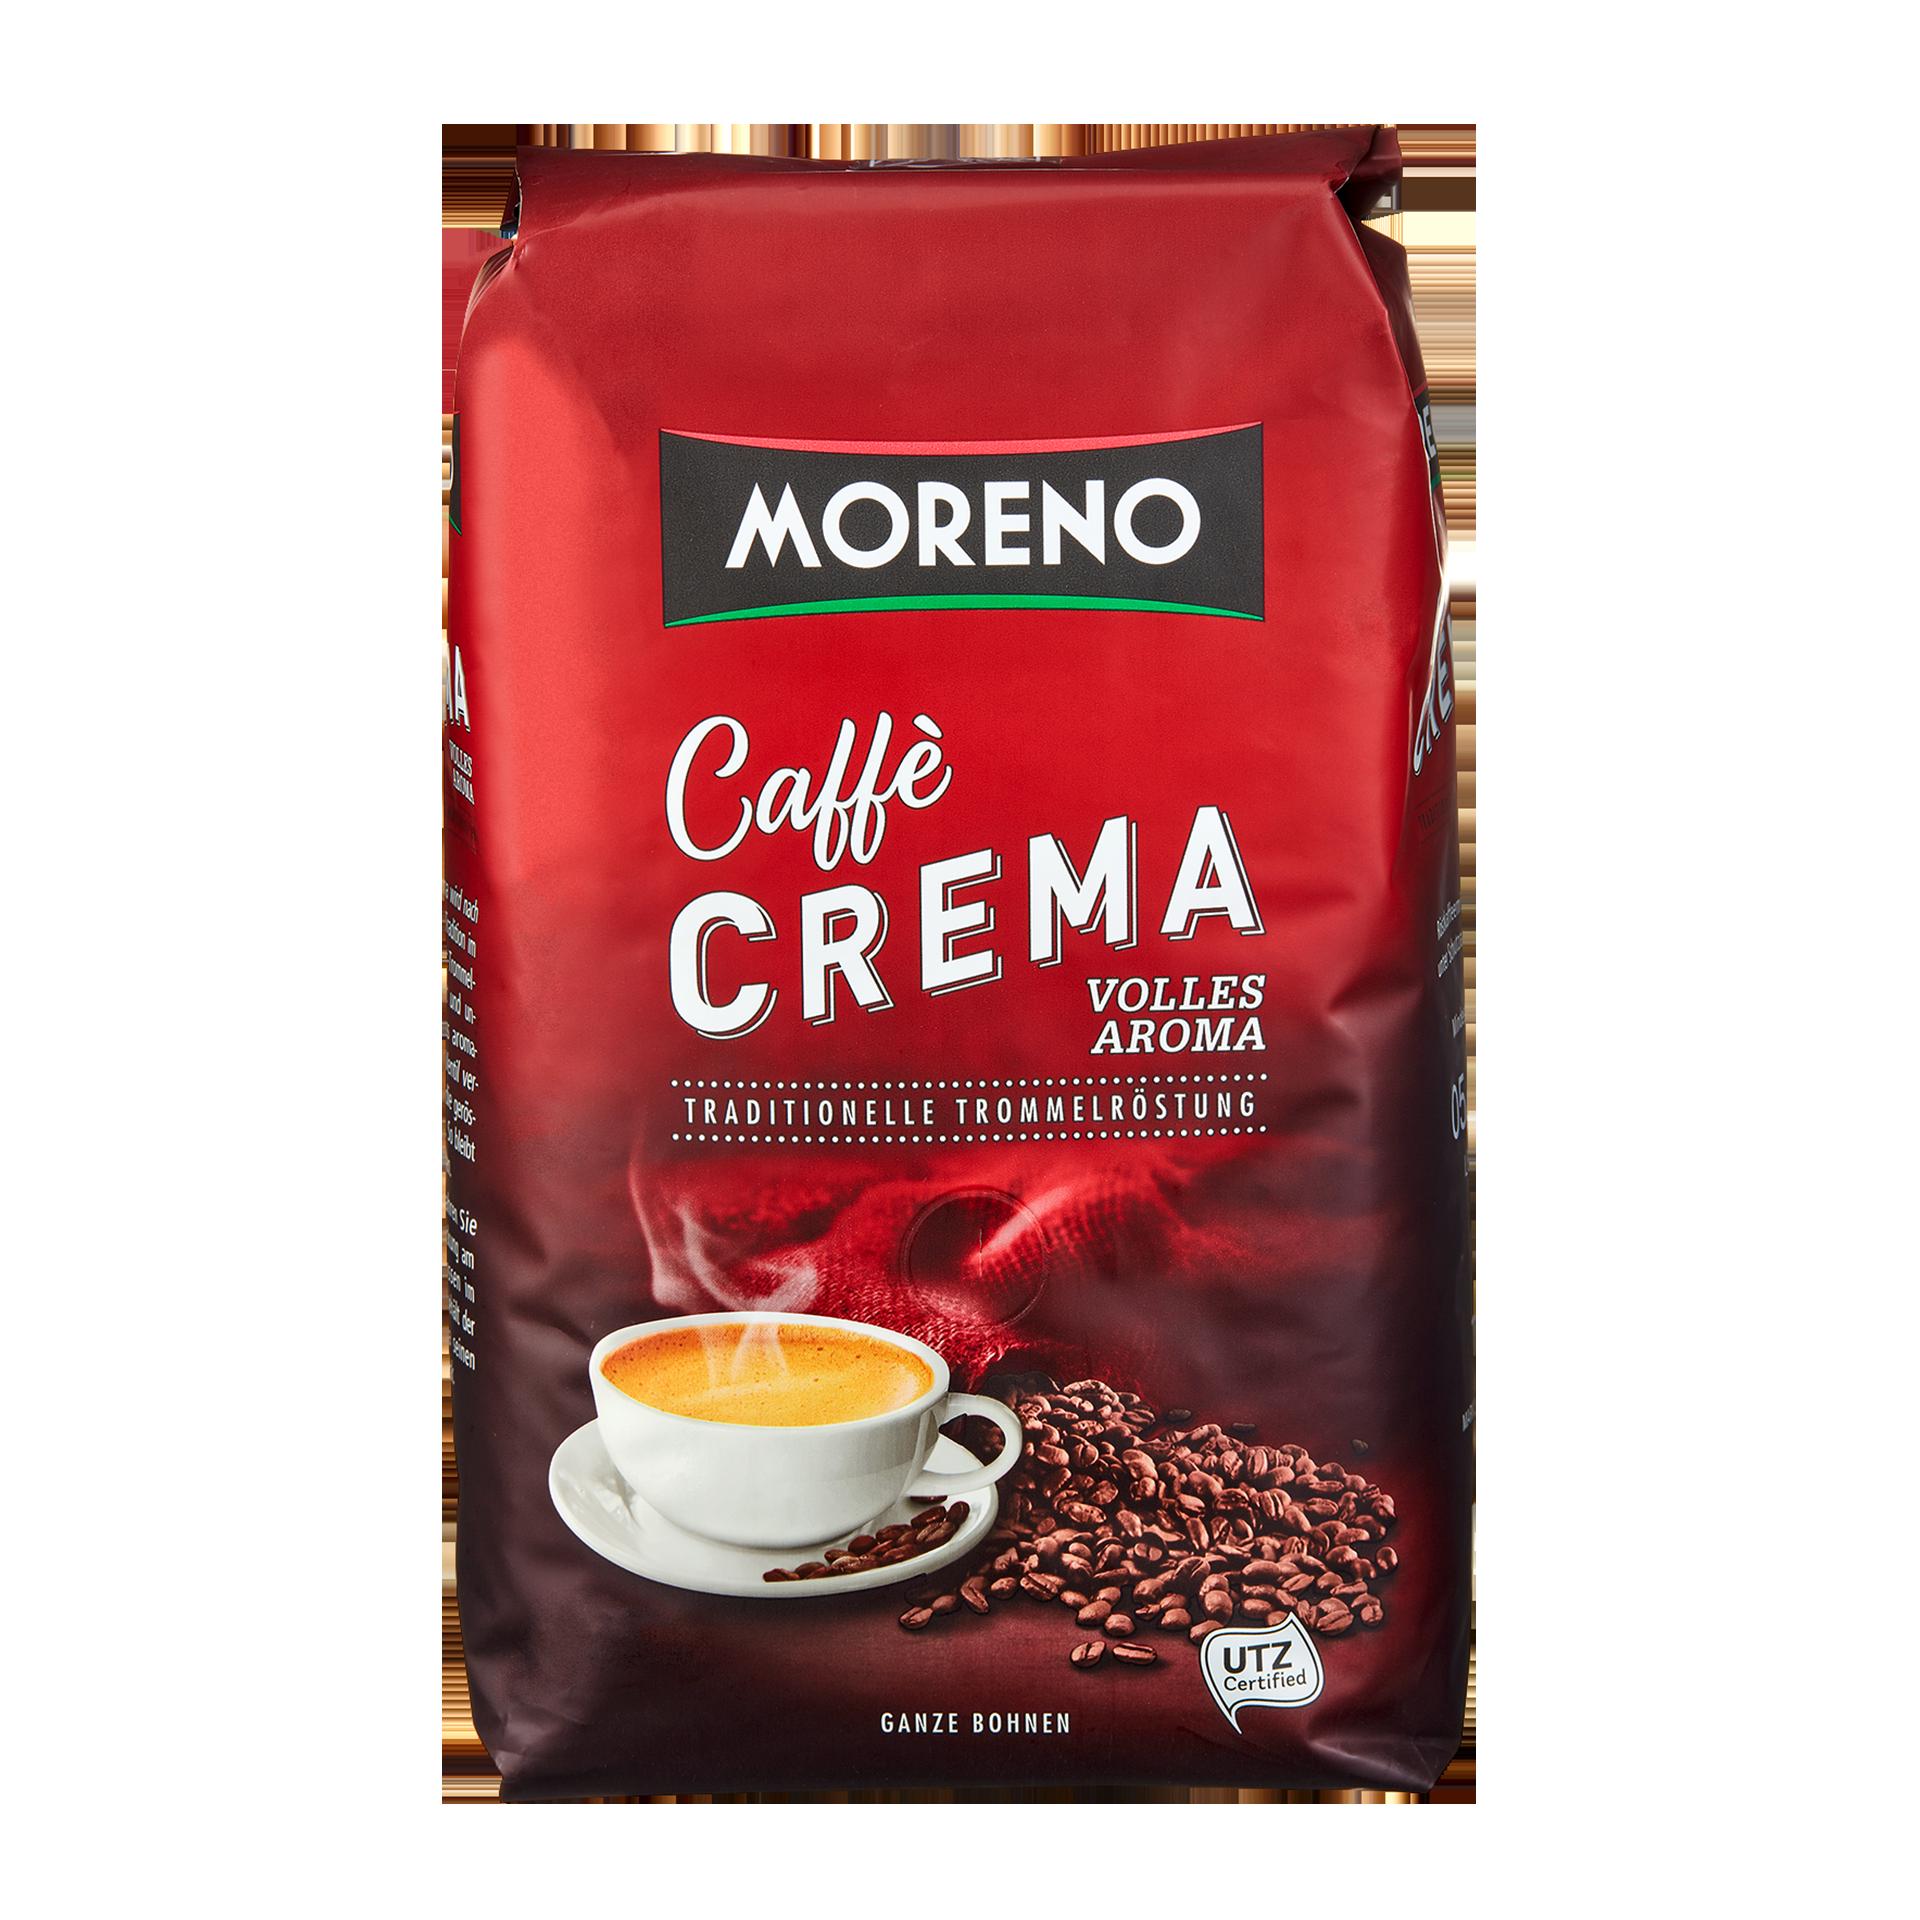 Moreno Caffè Crema Günstig Bei Aldi Nord